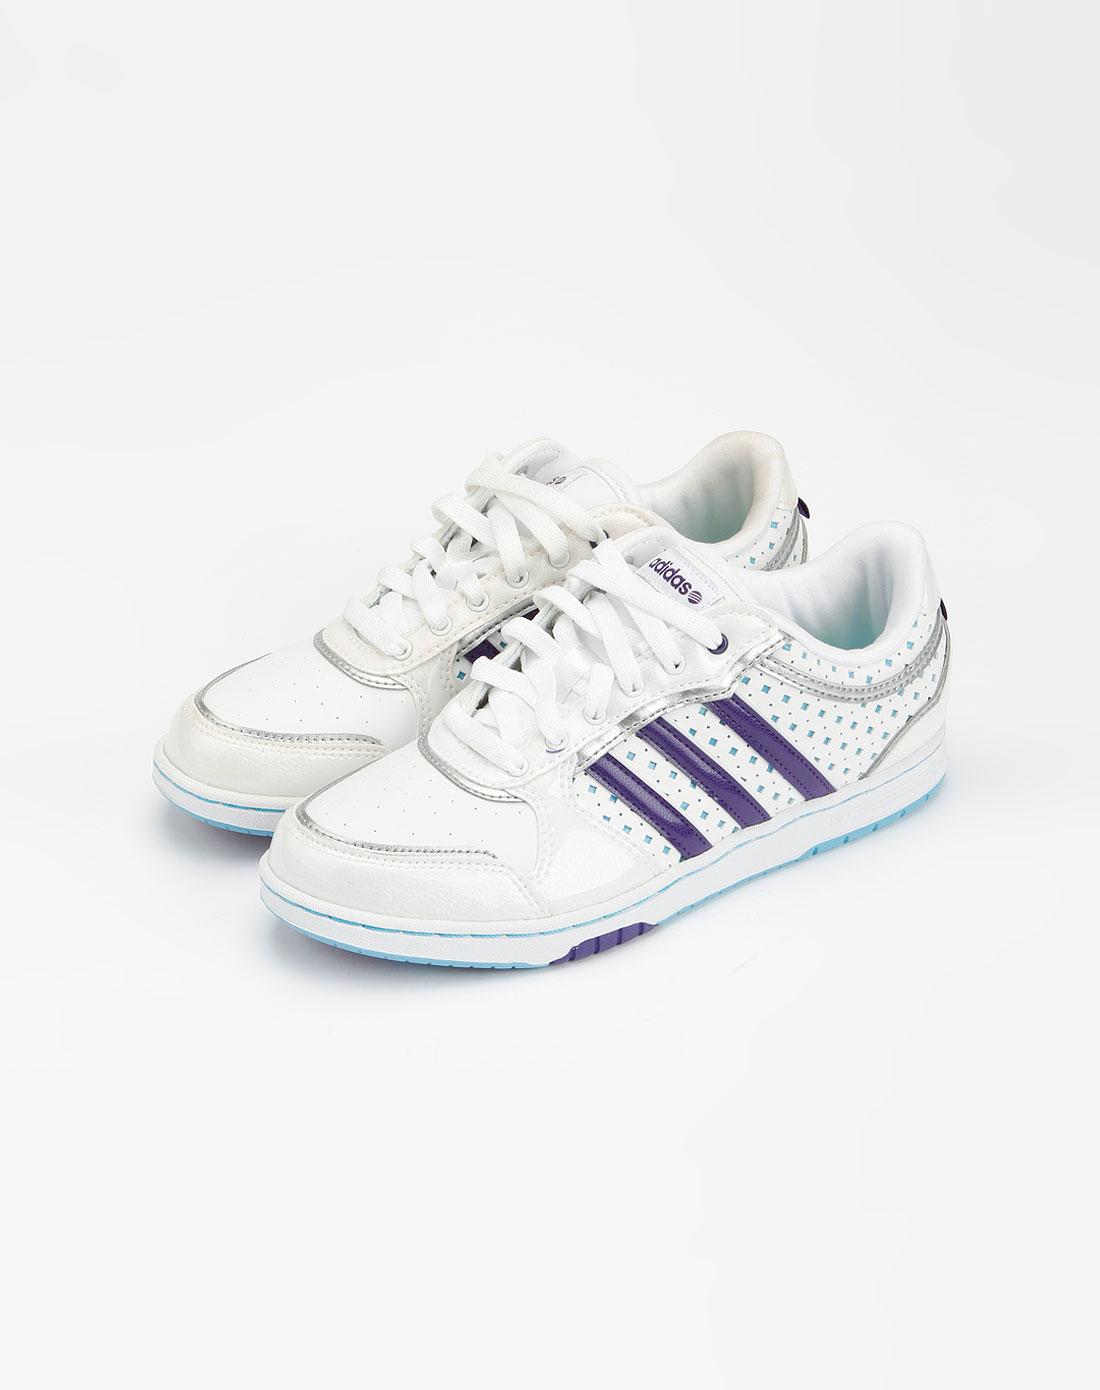 阿迪达斯adidas-neo 女款白/紫色运动鞋